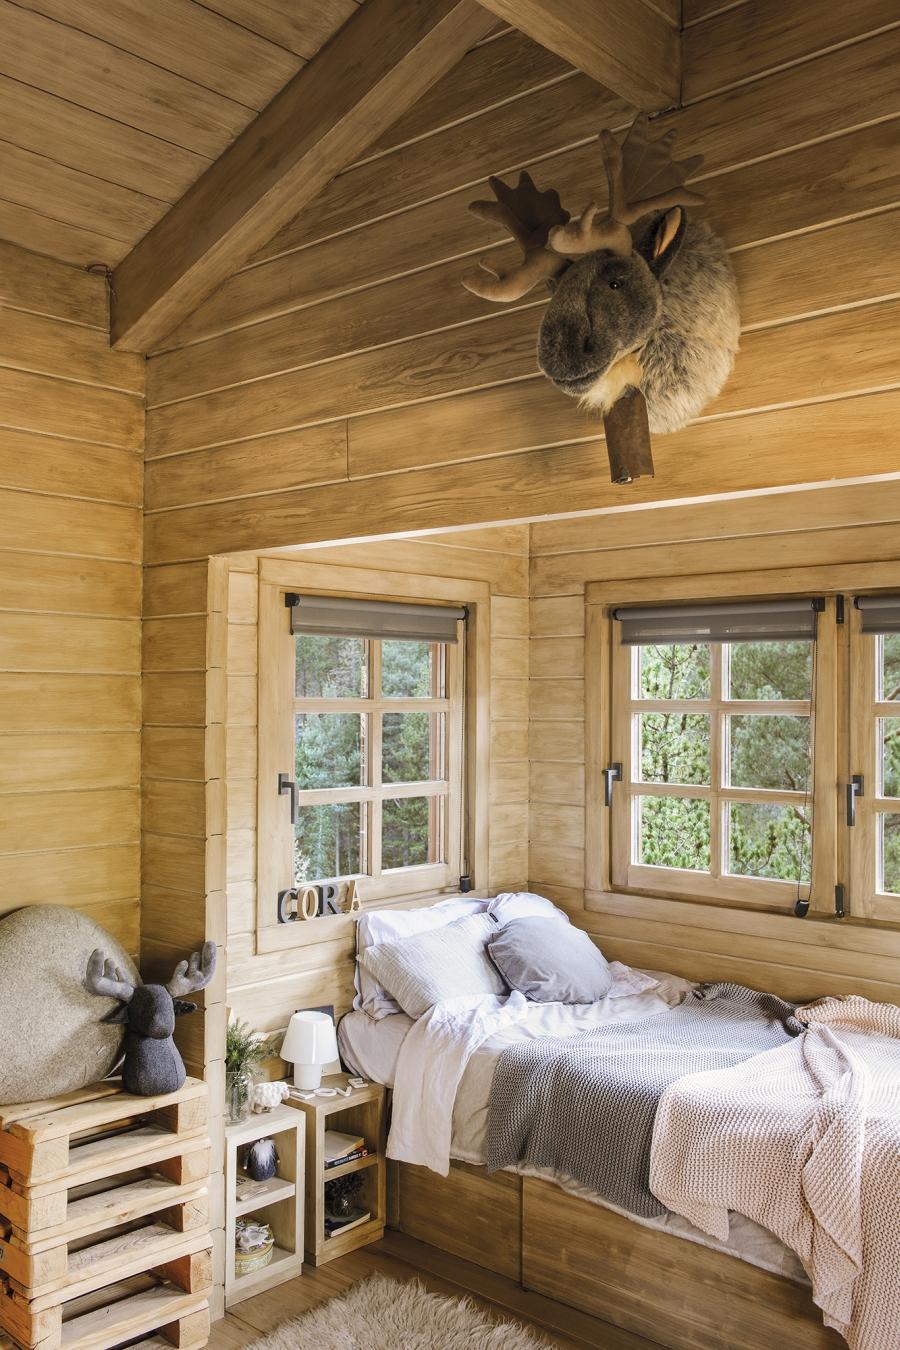 Drewniany domek w środku lasu - wystrój wnętrz, wnętrza, urządzanie mieszkania, dom, home decor, dekoracje, aranżacje, drewniany dom, drewno, eco, ekolodiczny, naturalny, cozy home, styl skandynawski, scandinavian style, otwarta przestrzeń, salon, living room, kuchnia, kitchen, jadalnia, wyspa kuchenna, łóś